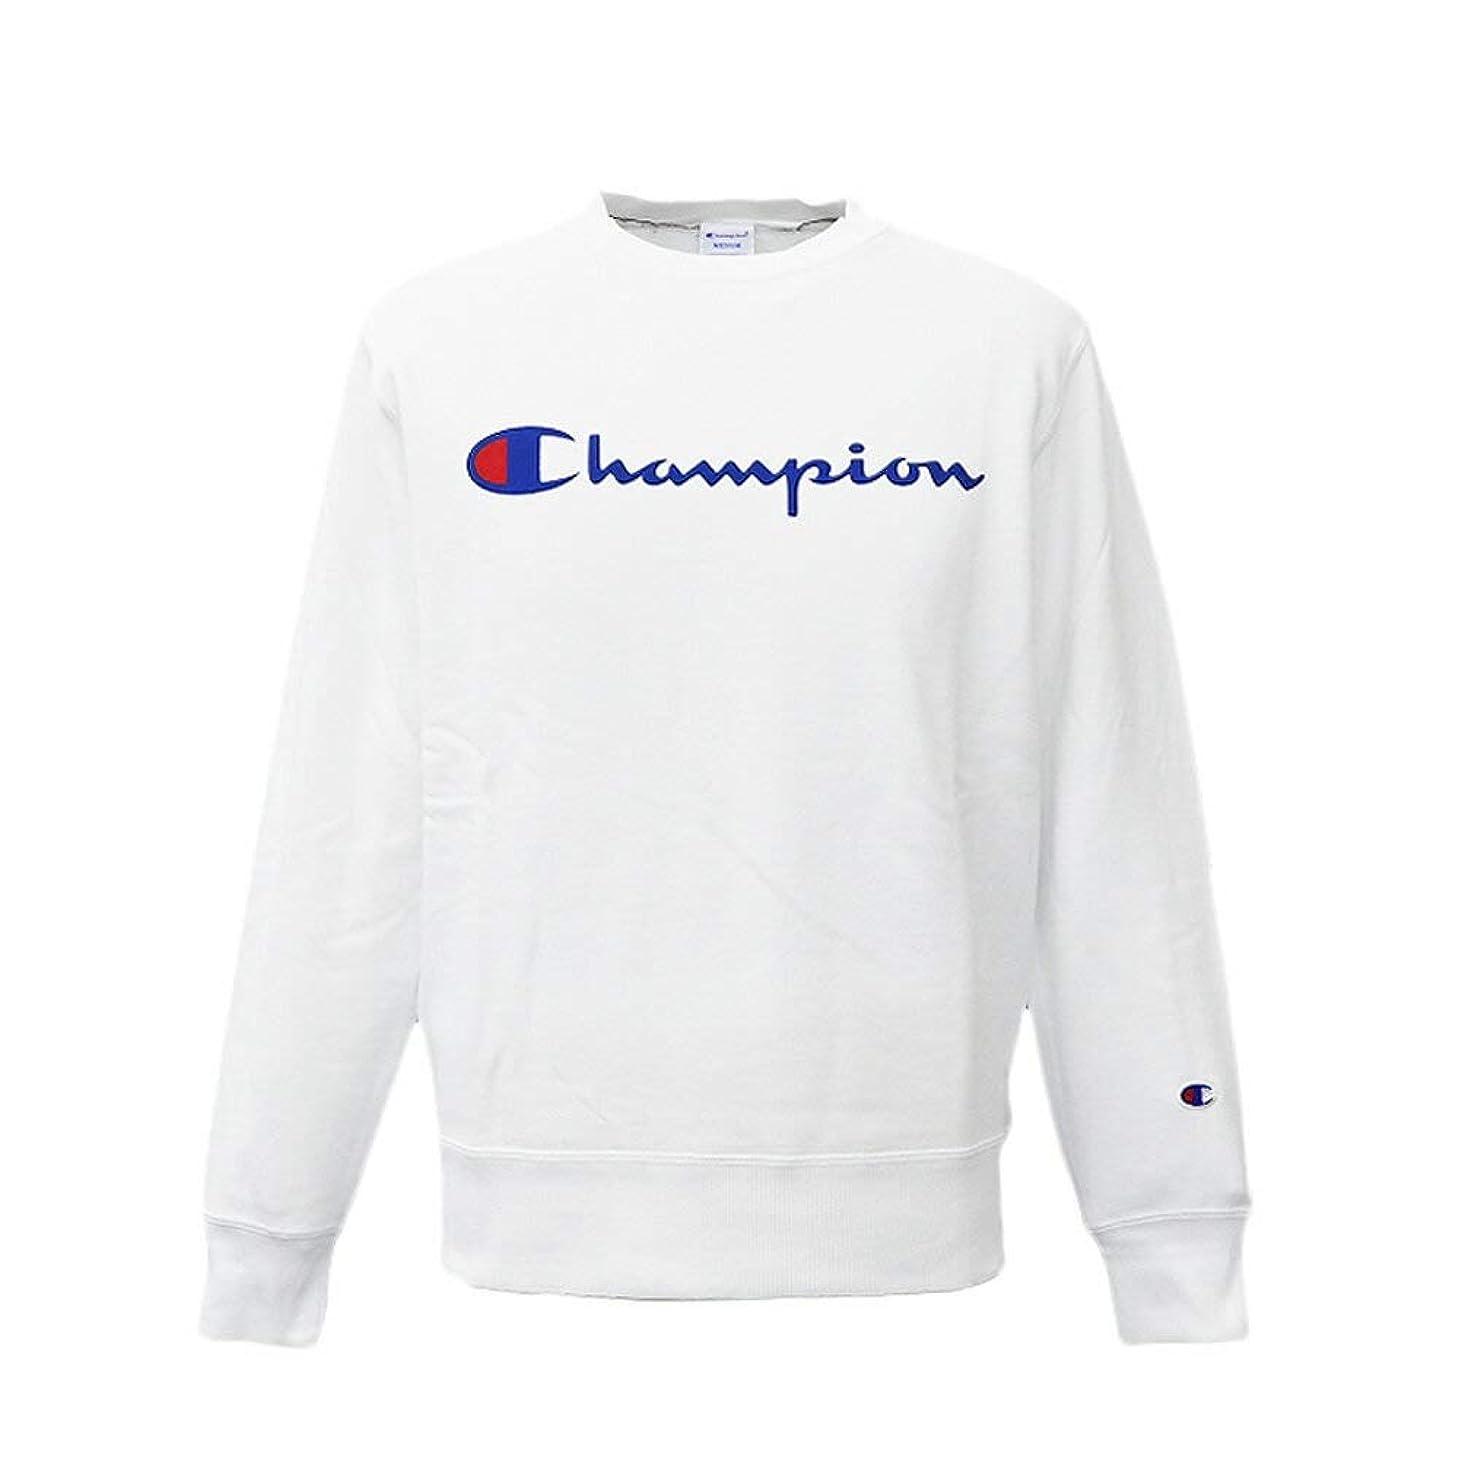 ファンドスマート直径チャンピオン スウェットシャツ メンズ 上 Champion クルーネック トレーナー